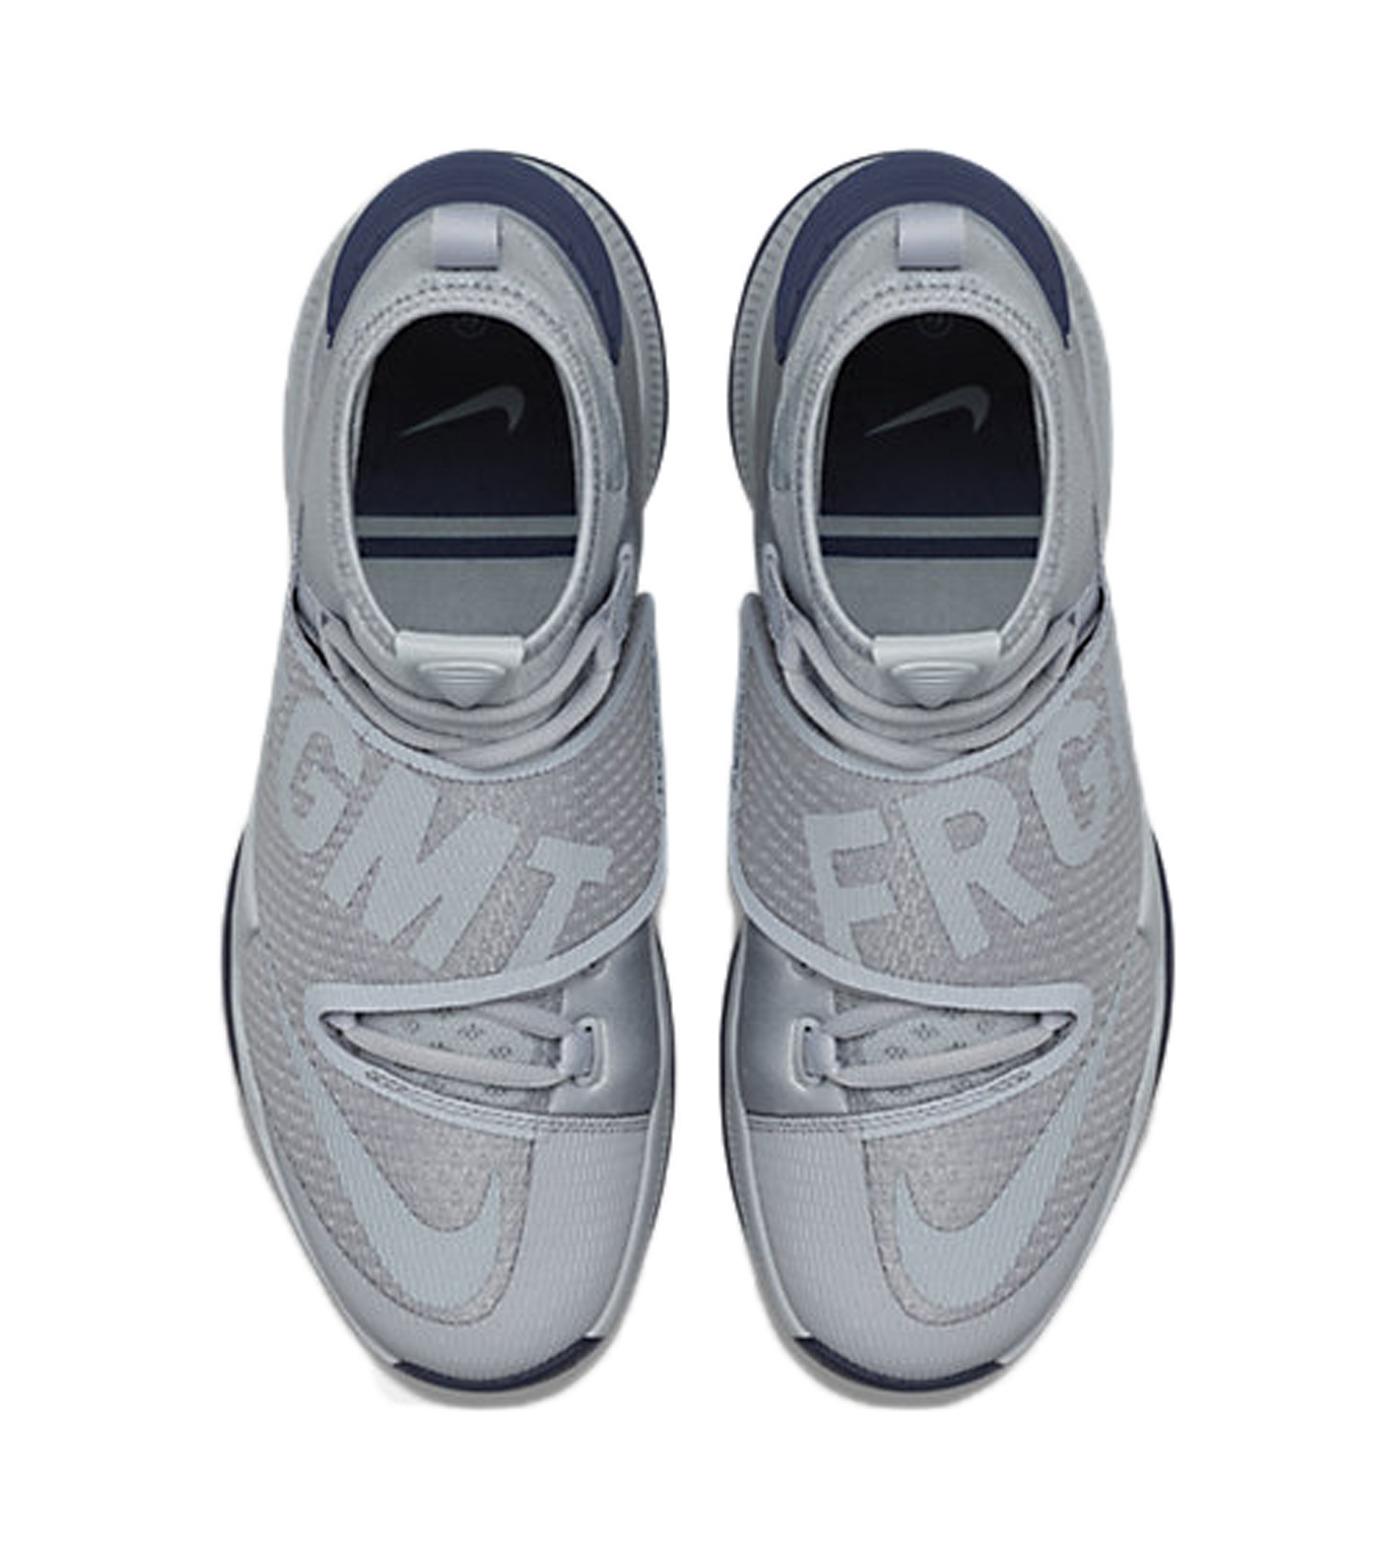 NIKE(ナイキ)のZOOM HYPERREV X FRAGMENT-LIGHT GRAY(シューズ/shoes)-848556-004-10 拡大詳細画像5